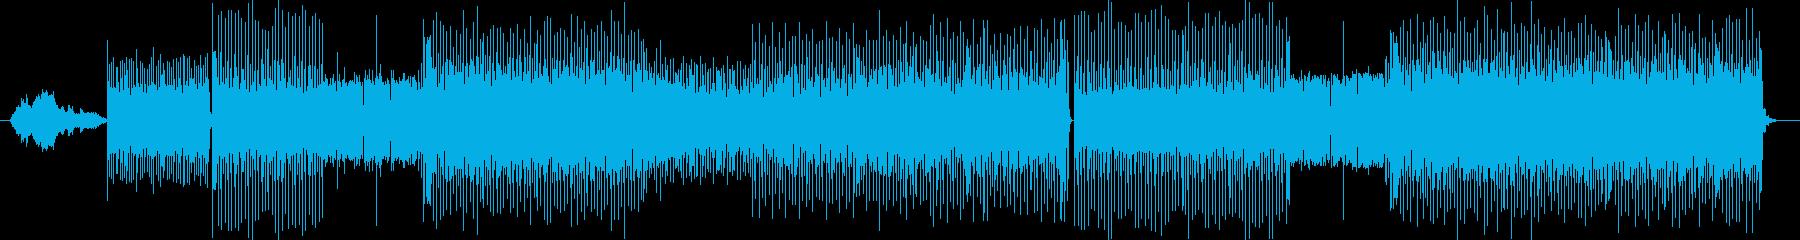 怪盗をイメージして制作したBGMです。の再生済みの波形